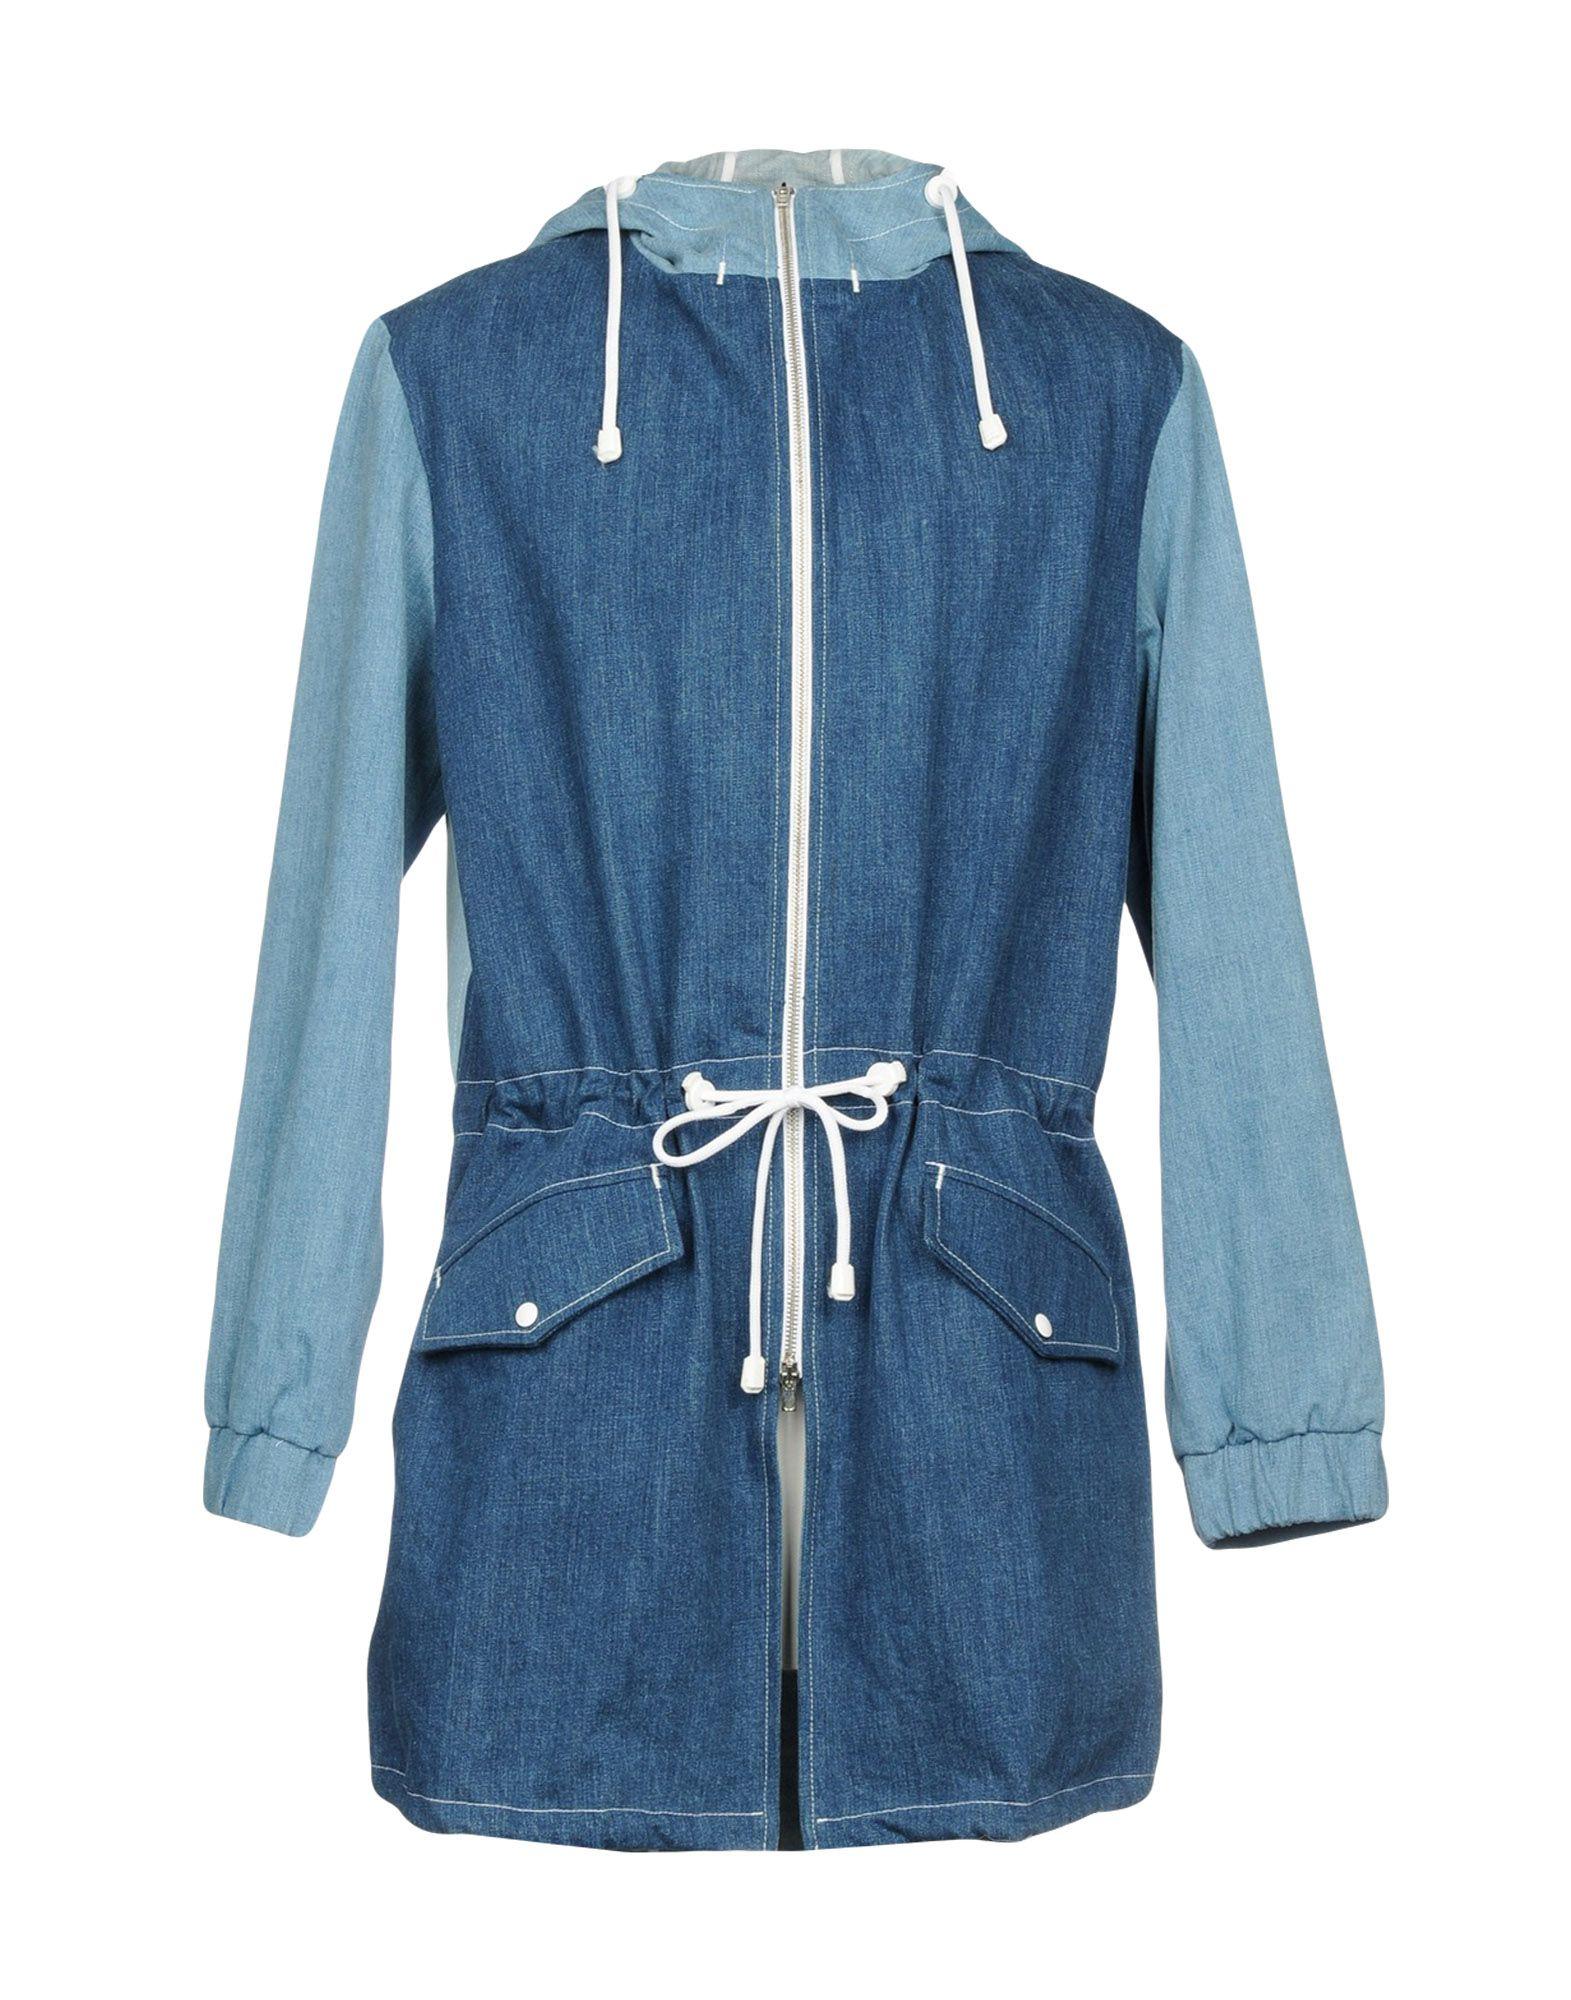 Giubbotto Jeans Lc23 Uomo - Acquista online su